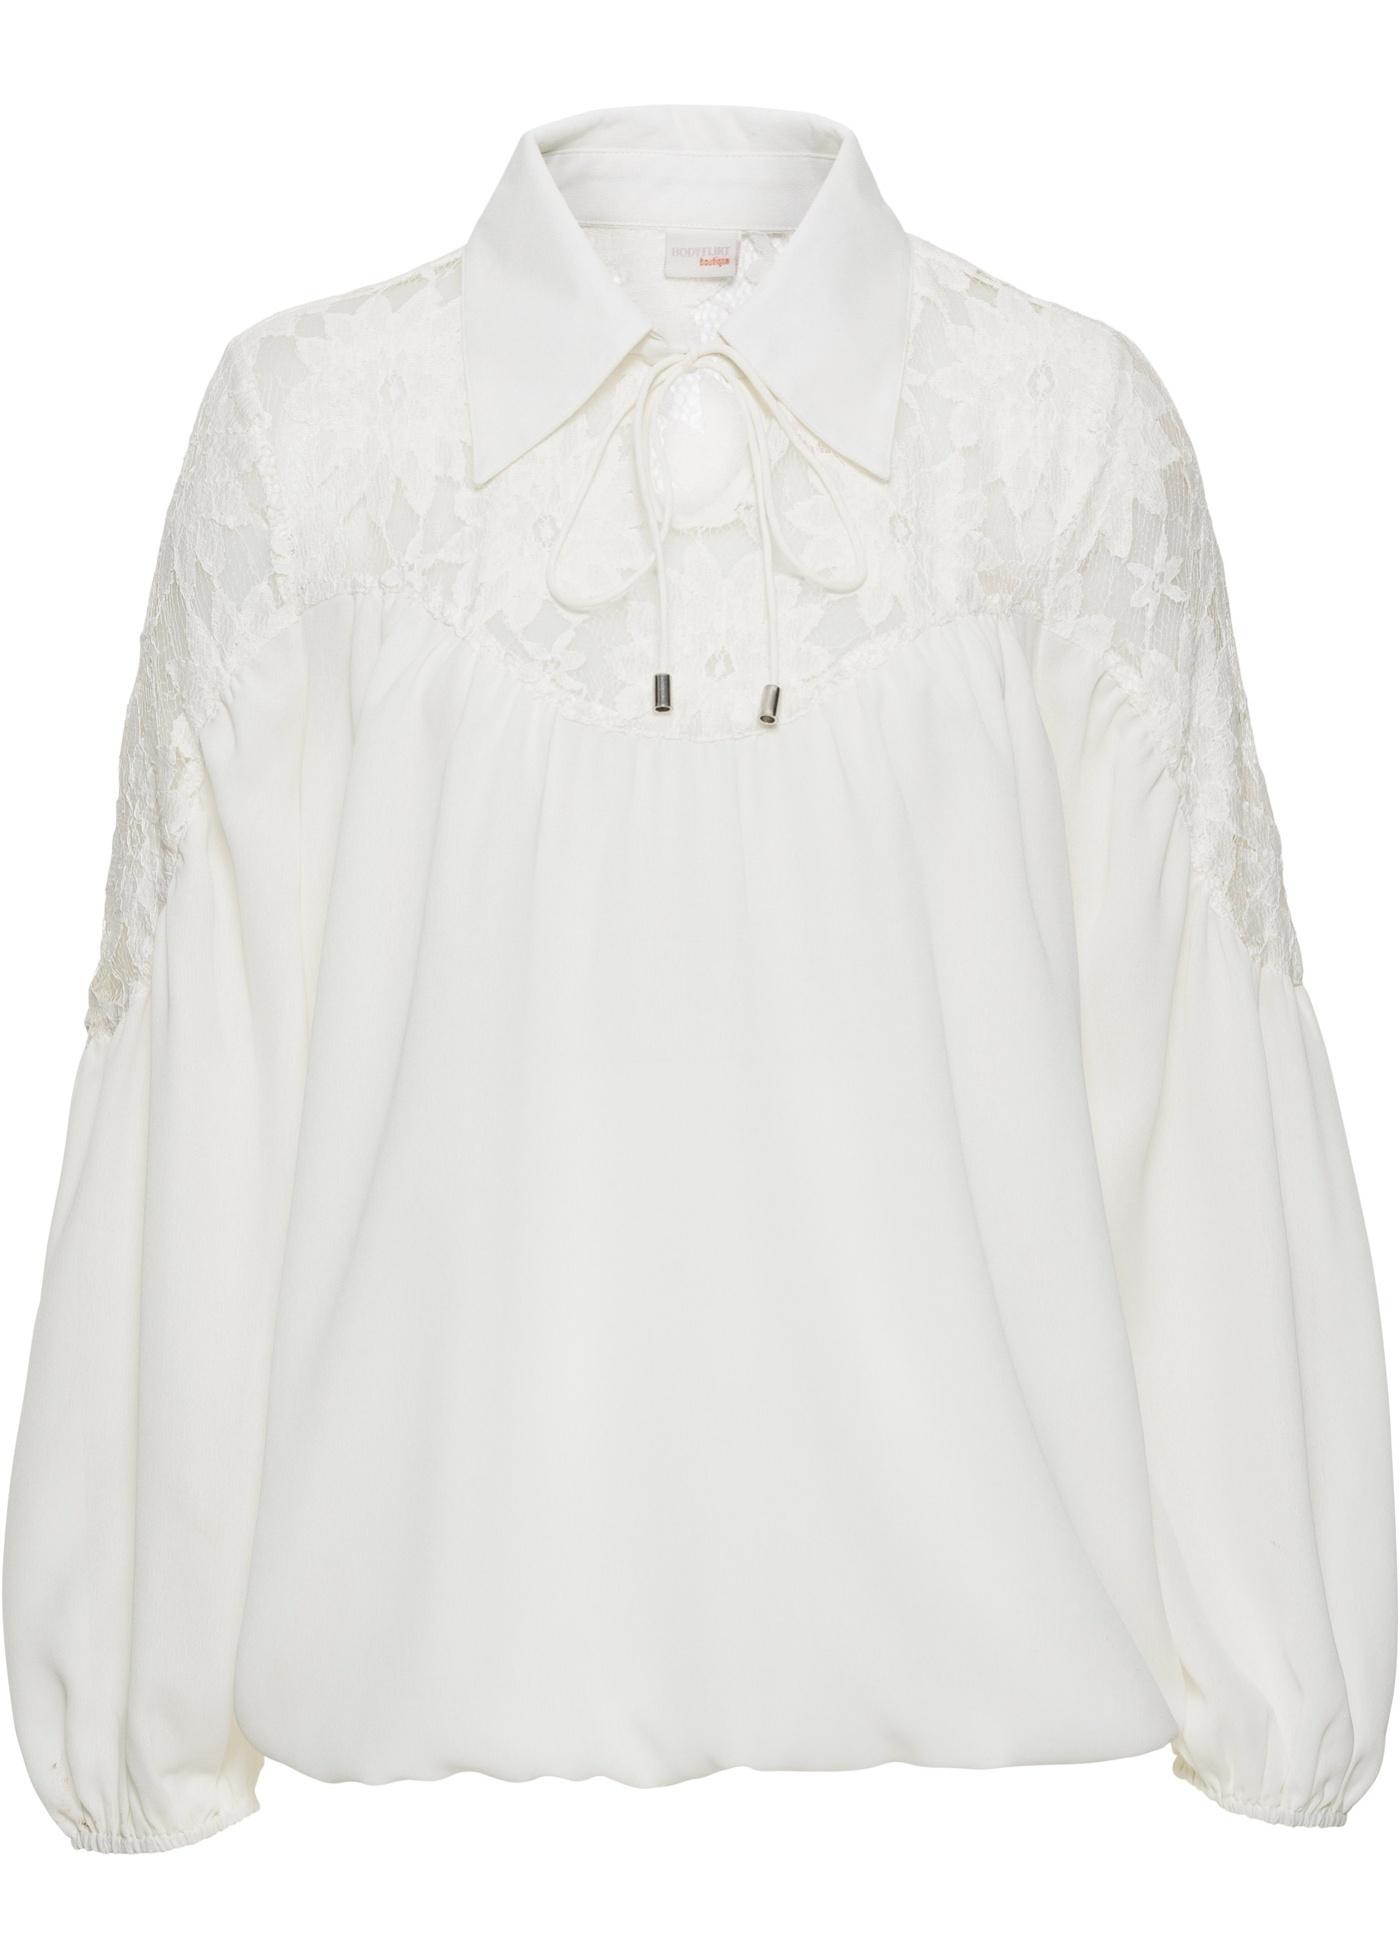 Blusa con colletto (Bianco) - BODYFLIRT boutique